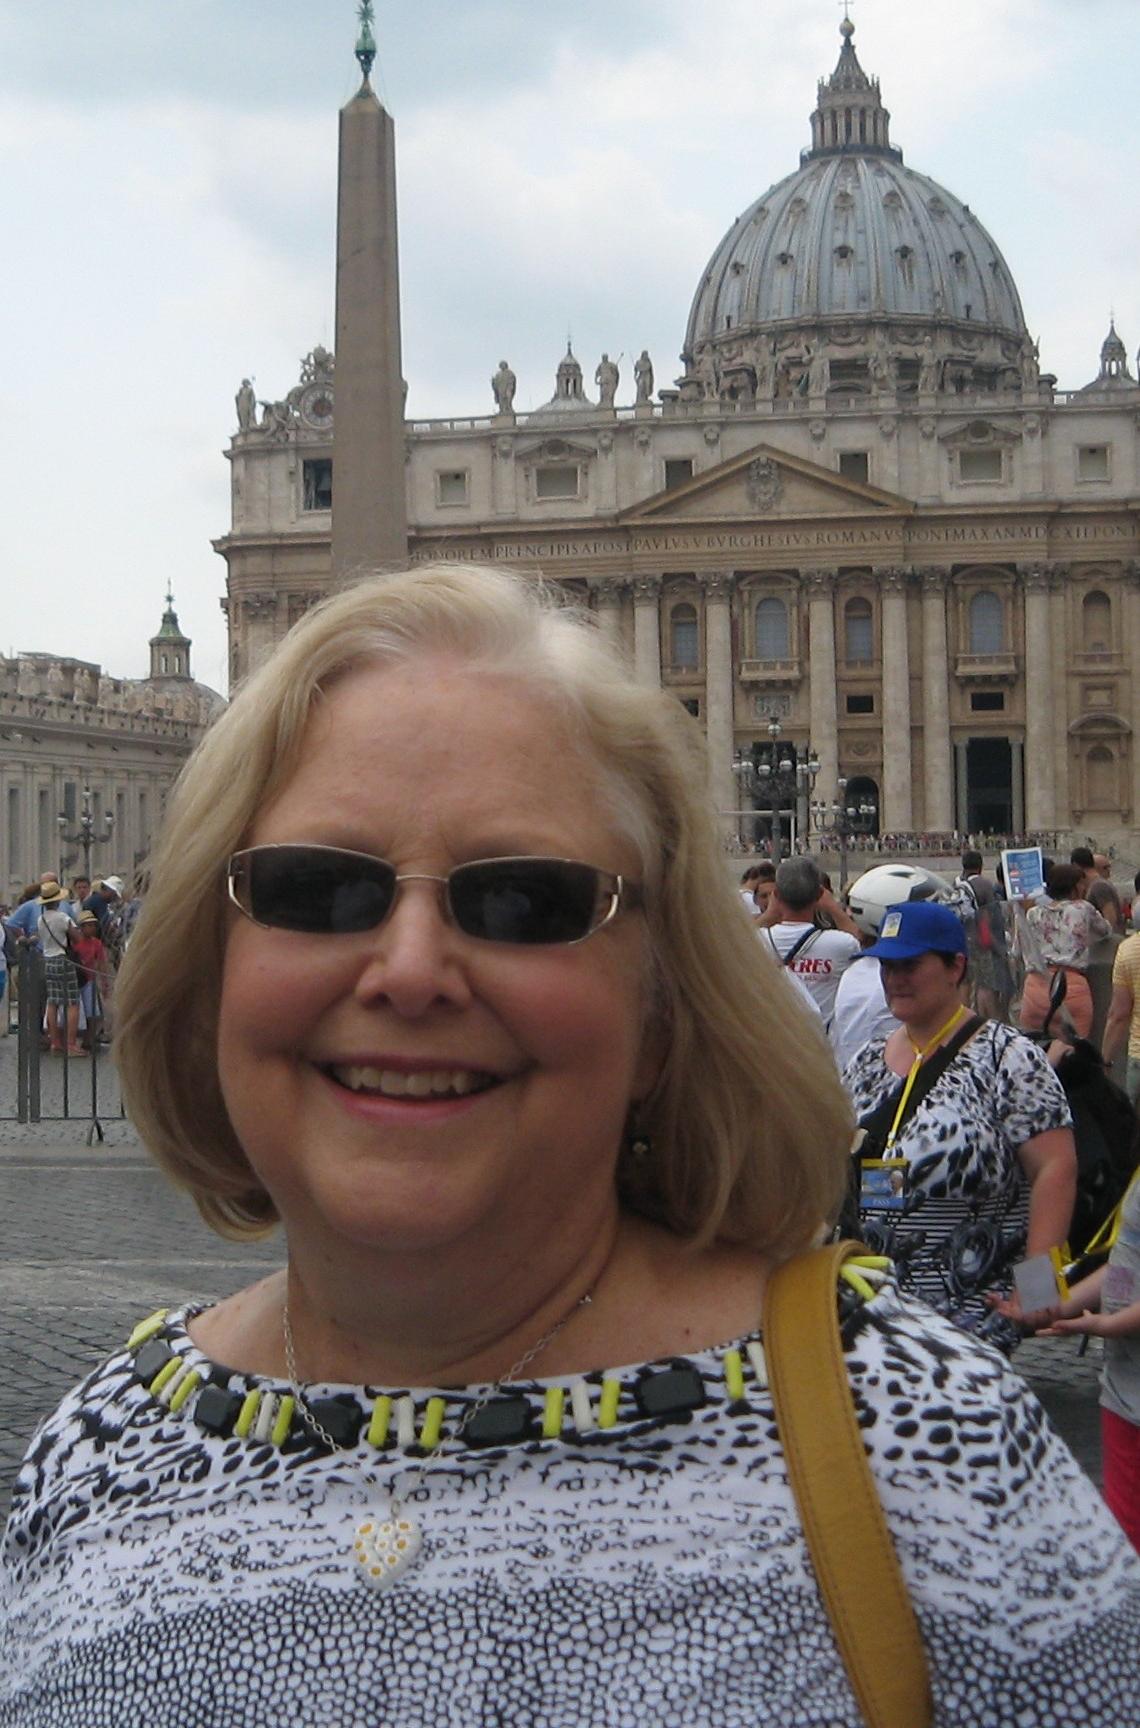 Teri Aitchison at Saint Peter's Square, Rome.